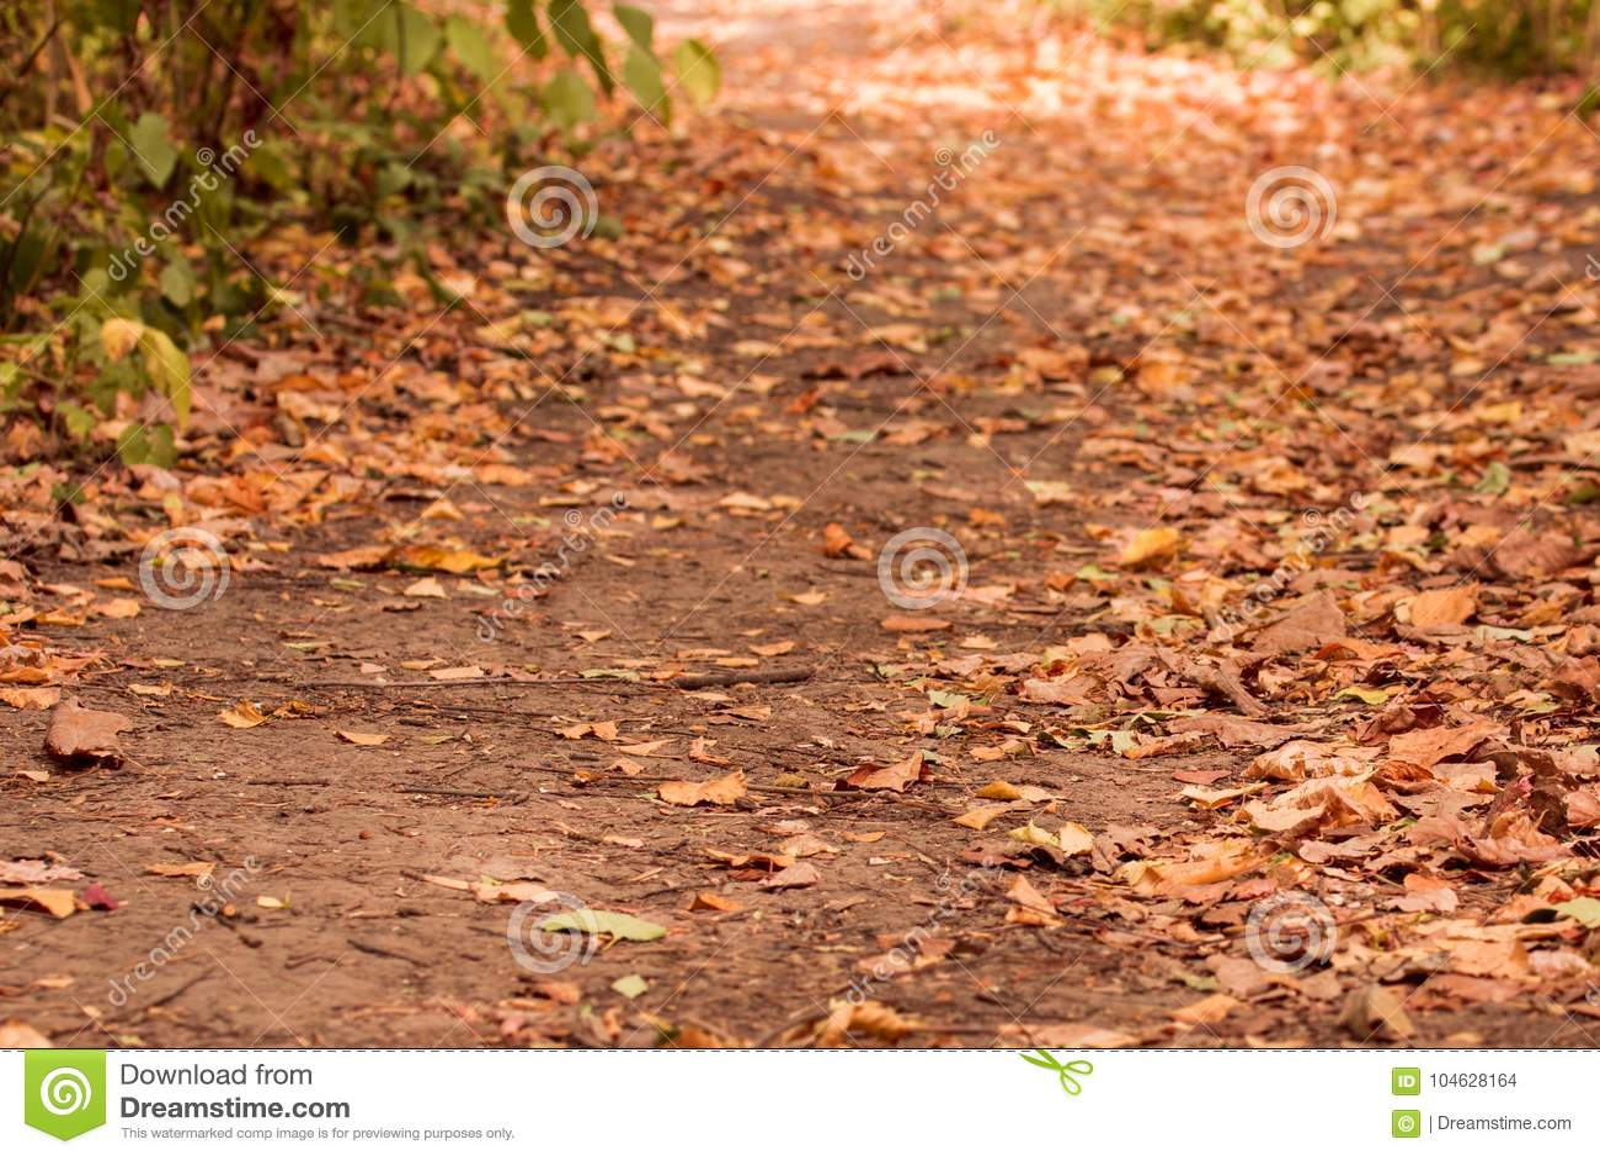 Download De Herfst Bosweg Met Gevallen Bladeren Stock Foto - Afbeelding bestaande uit takken, kleurrijk: 104628164